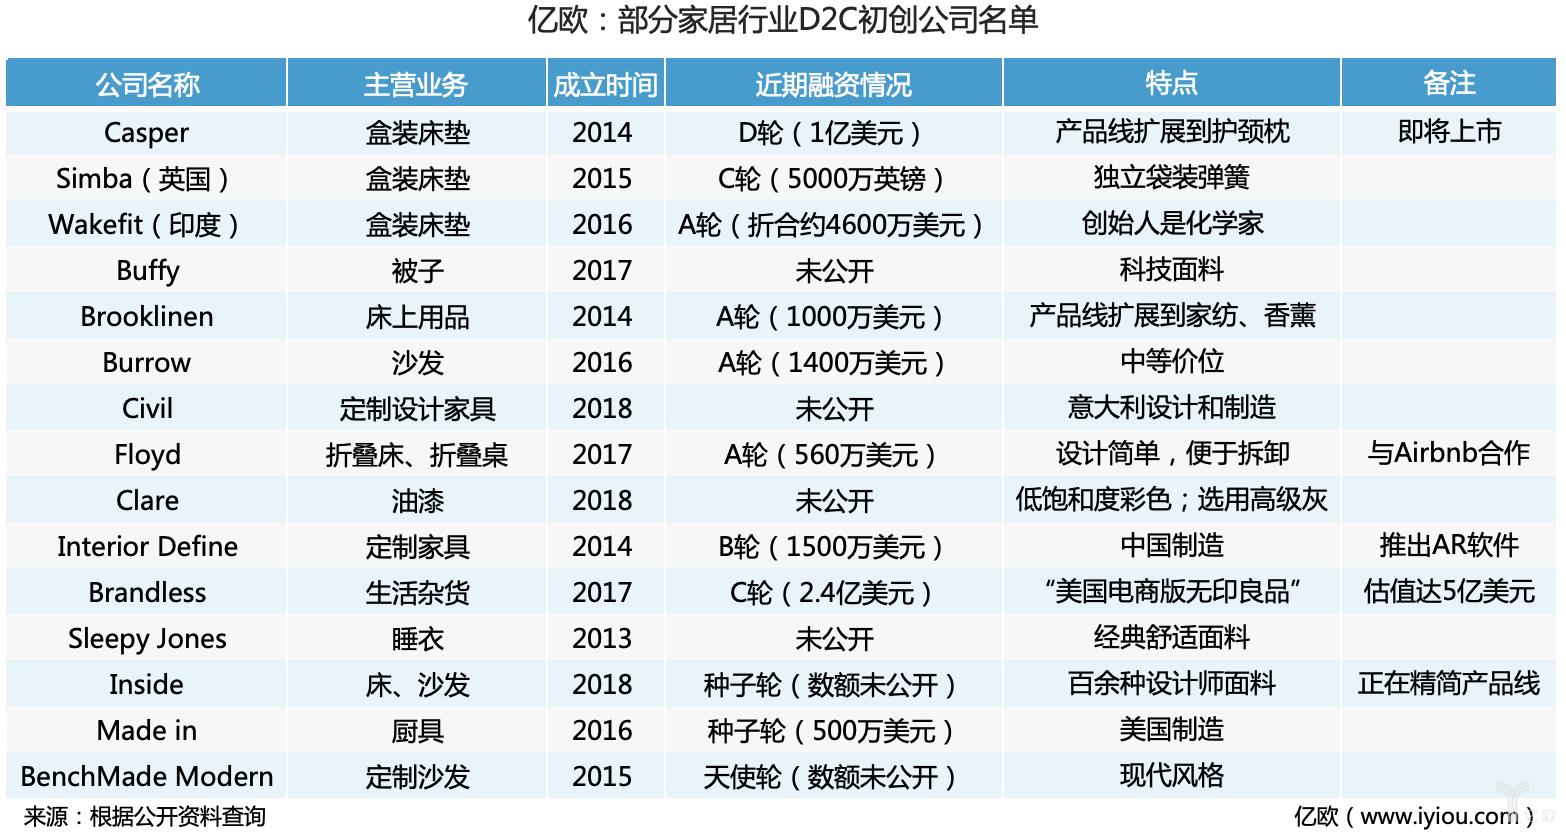 部分家居行業D2C初創公司名單